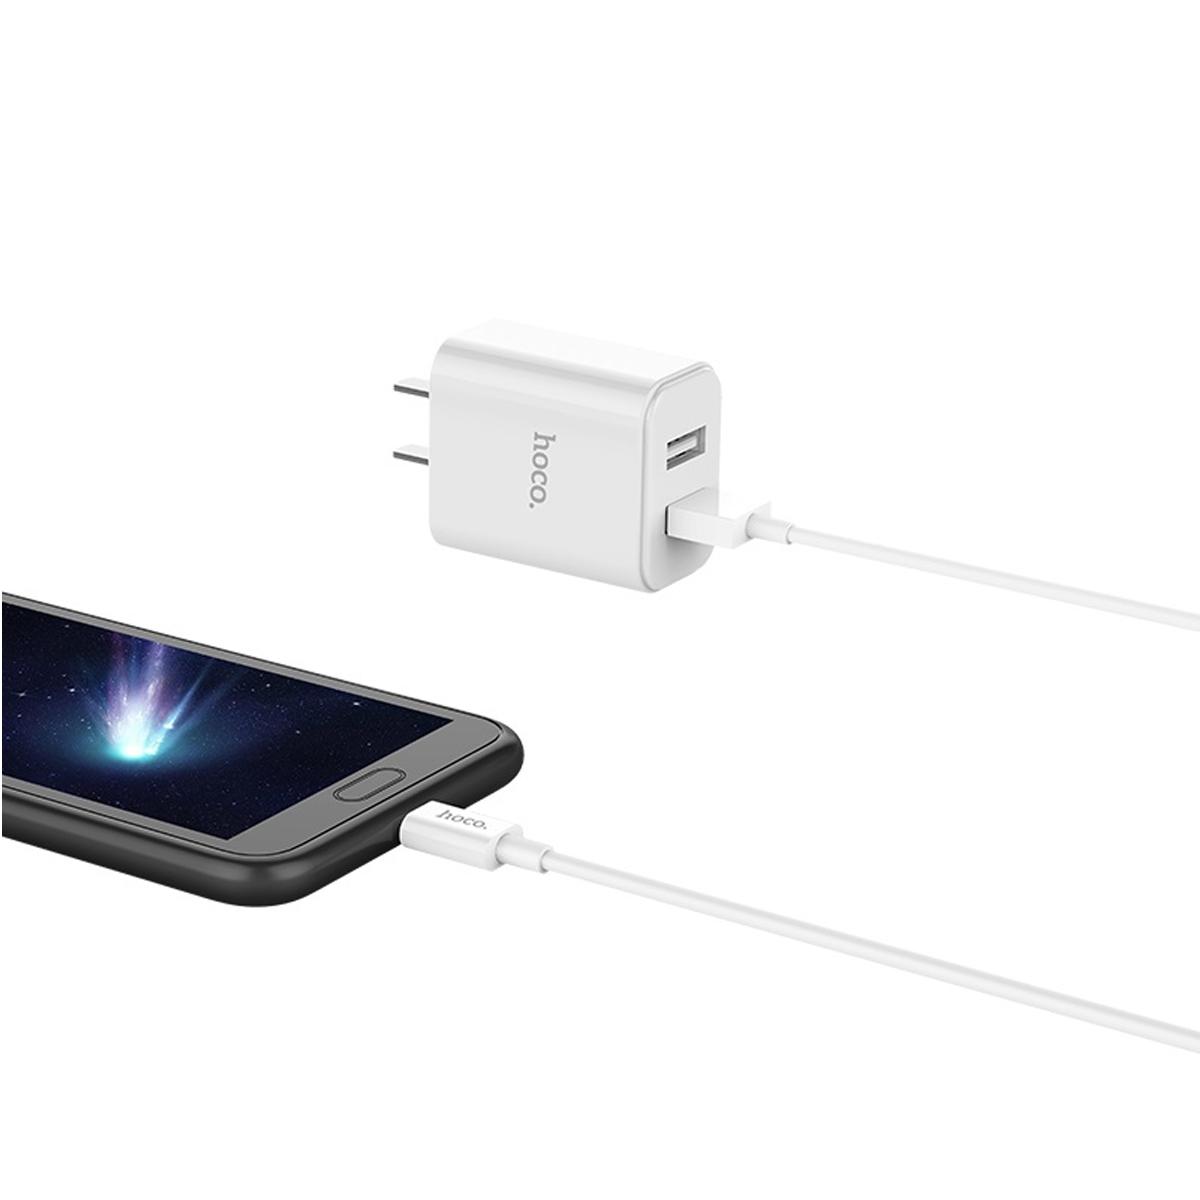 Bộ Sạc 2 Cổng USB Hoco C62 Kèm Cáp Micro - Tặng Iring Táo - Hàng Chính Hãng